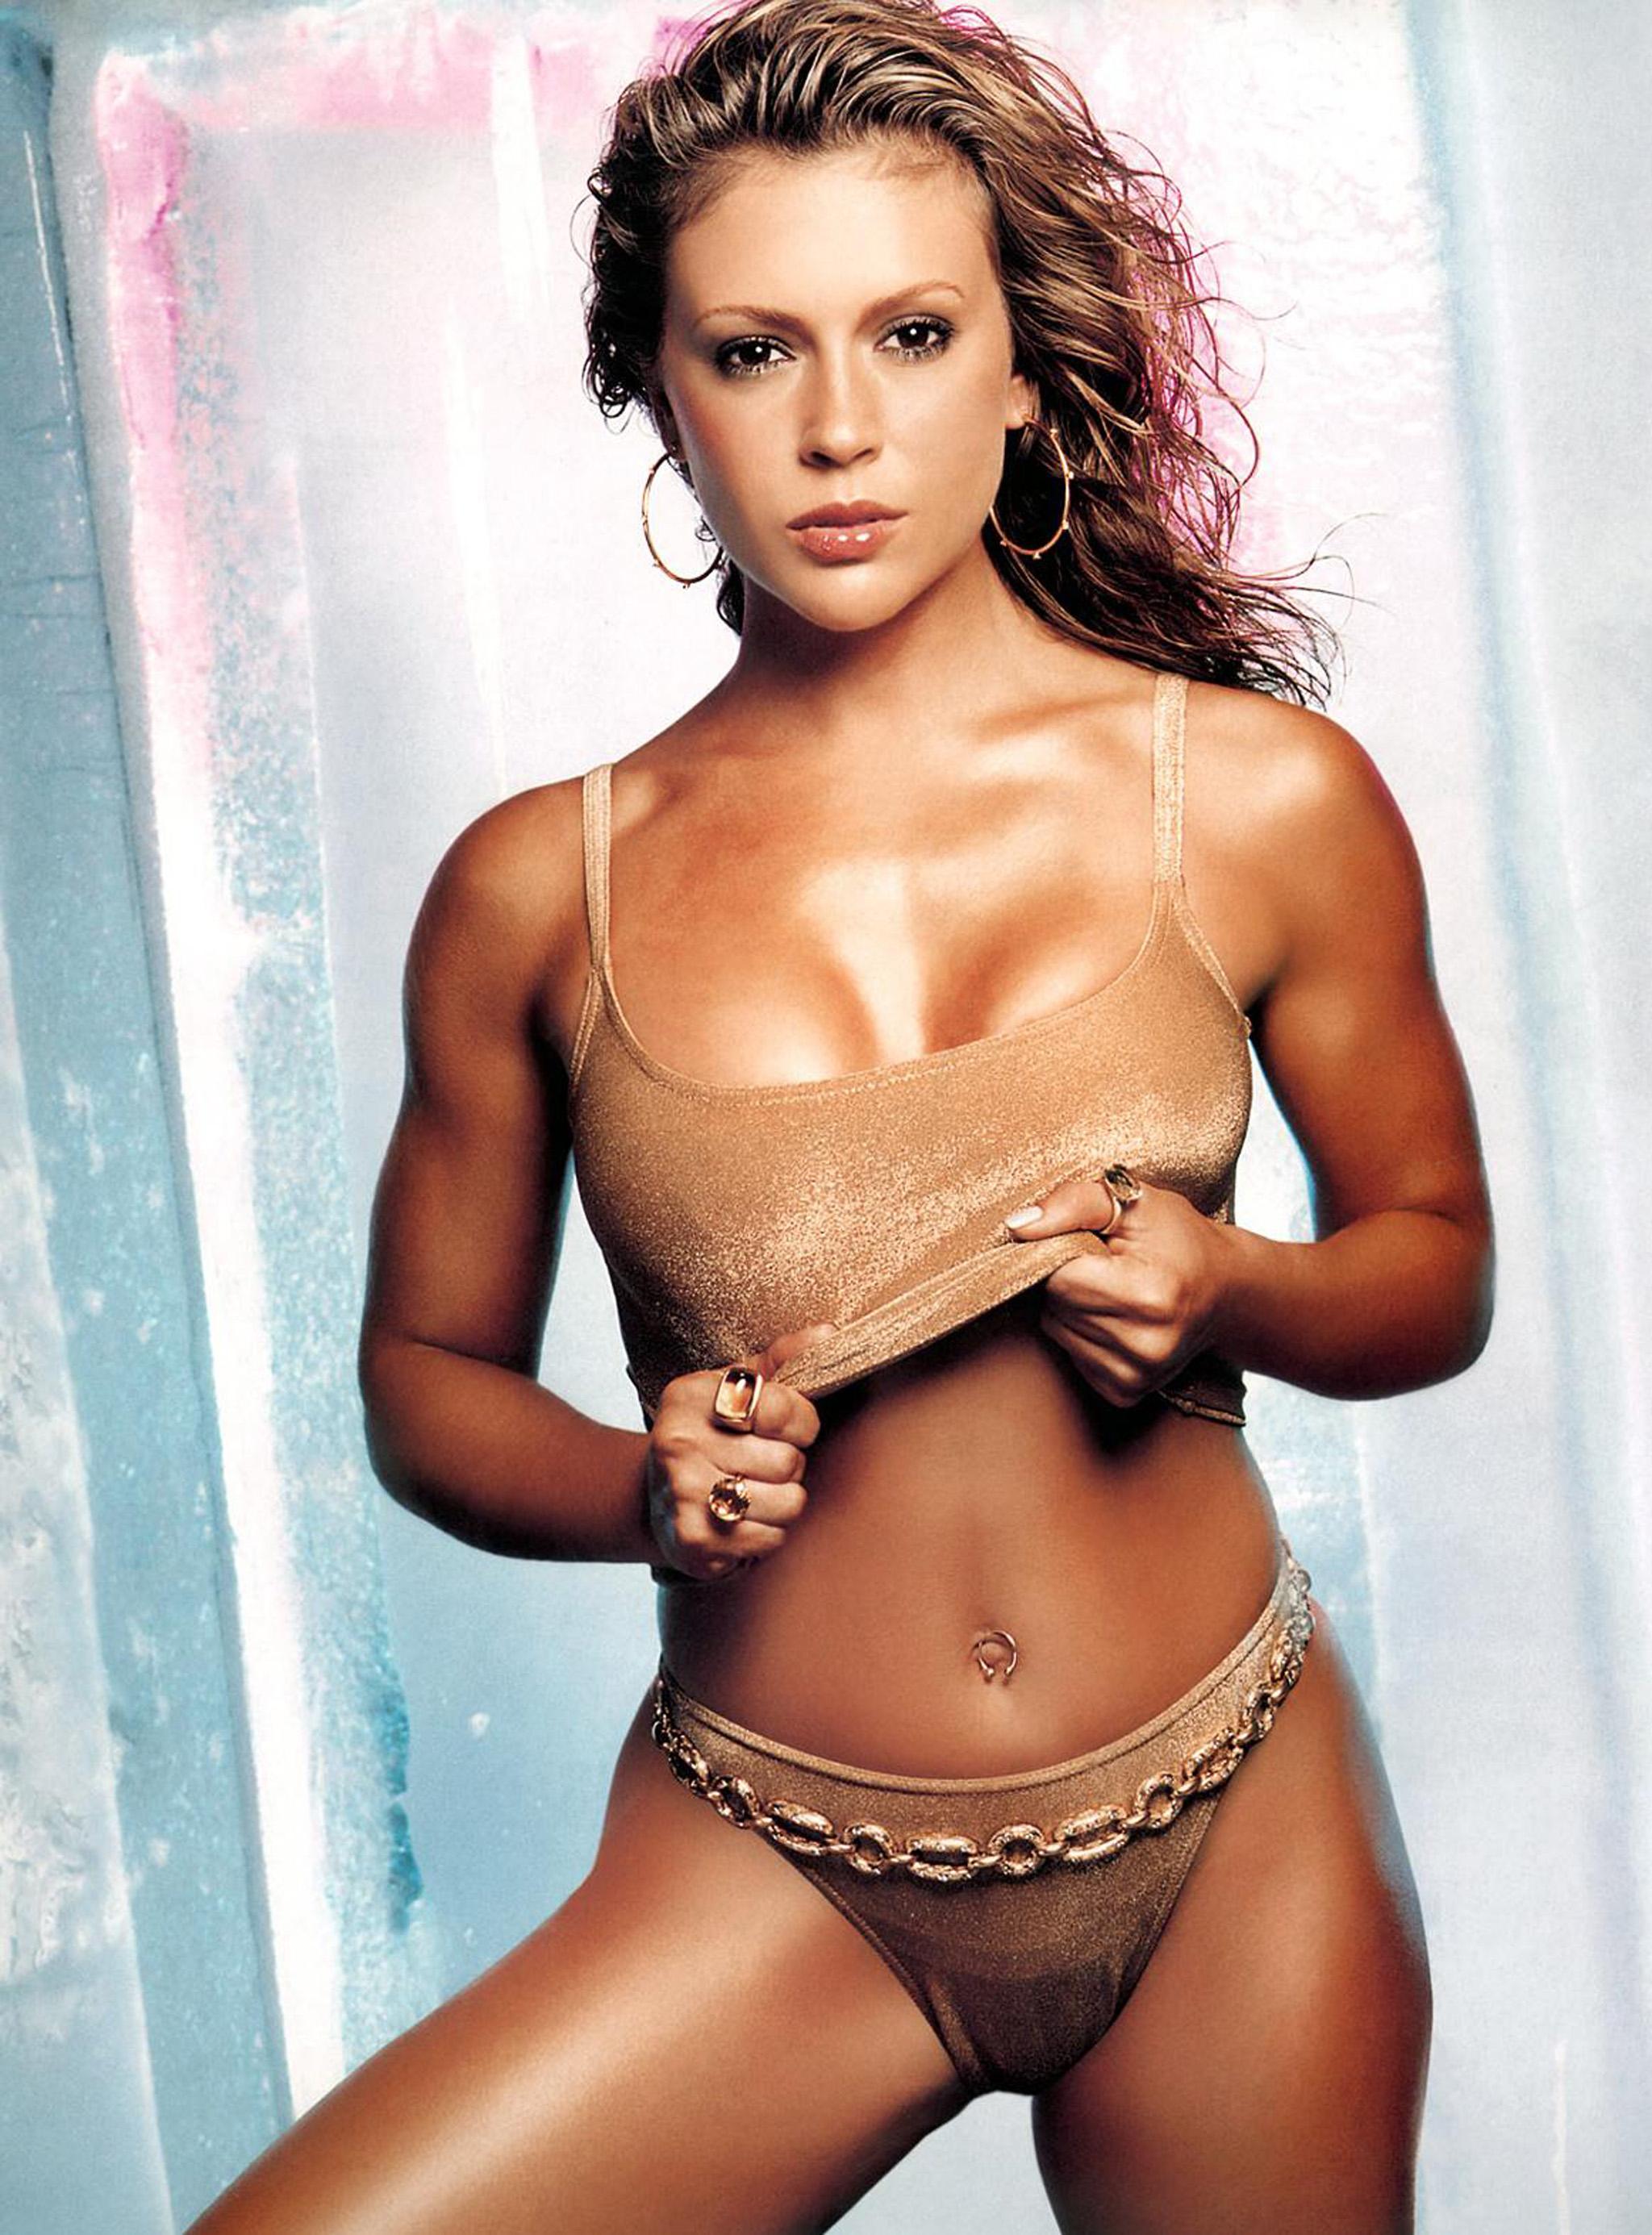 Alyssa Milano Half Nude With Oiled Body